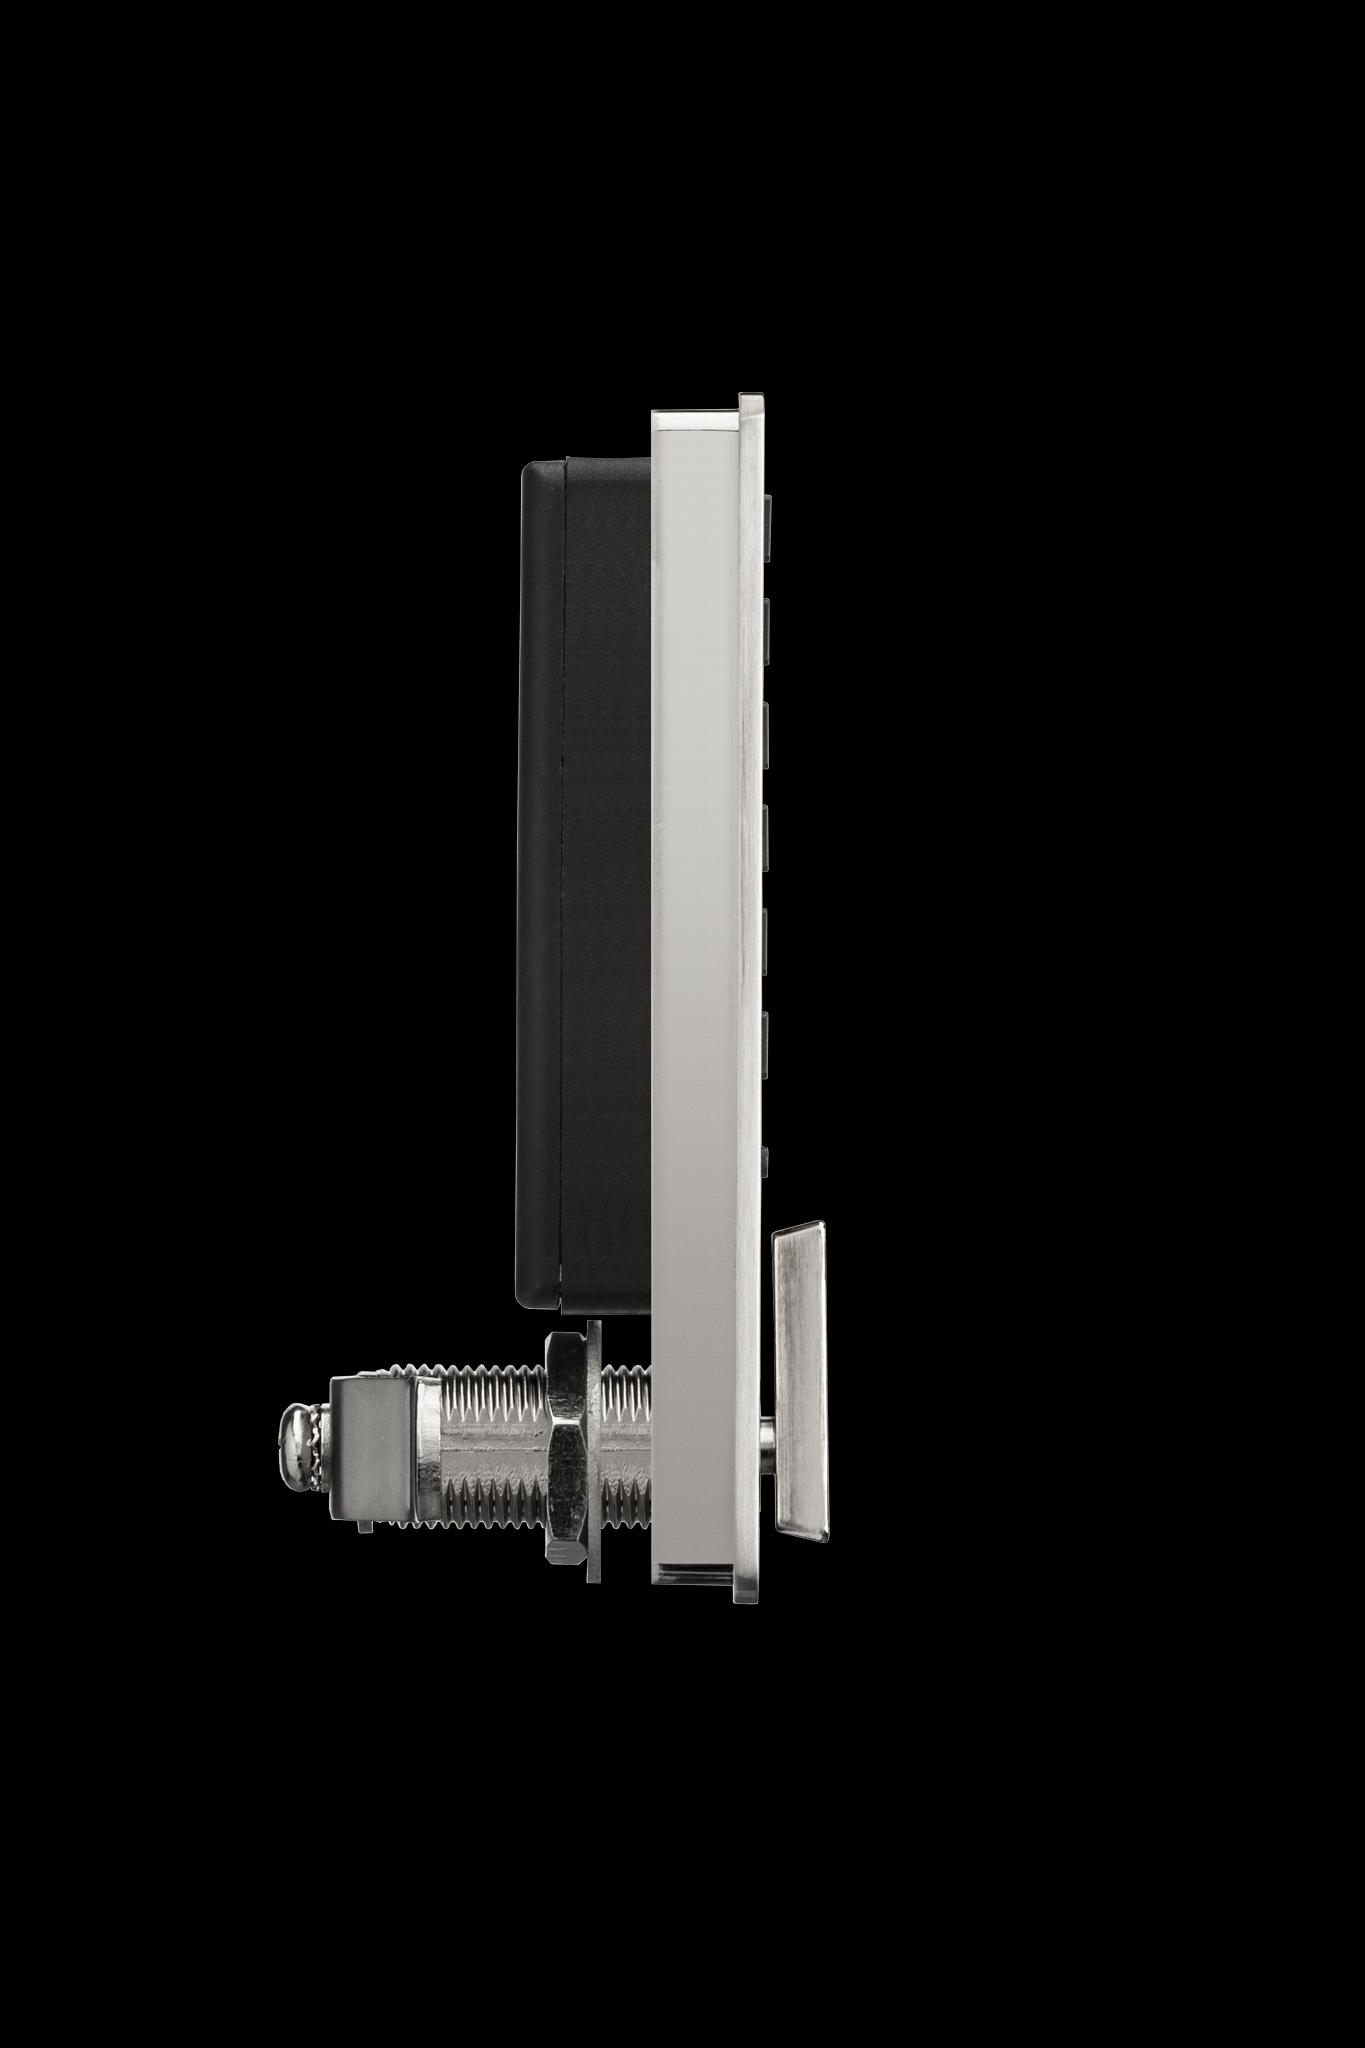 洗浴櫃鎖 Digilock電子智能櫃鎖 RFID感應鎖 5